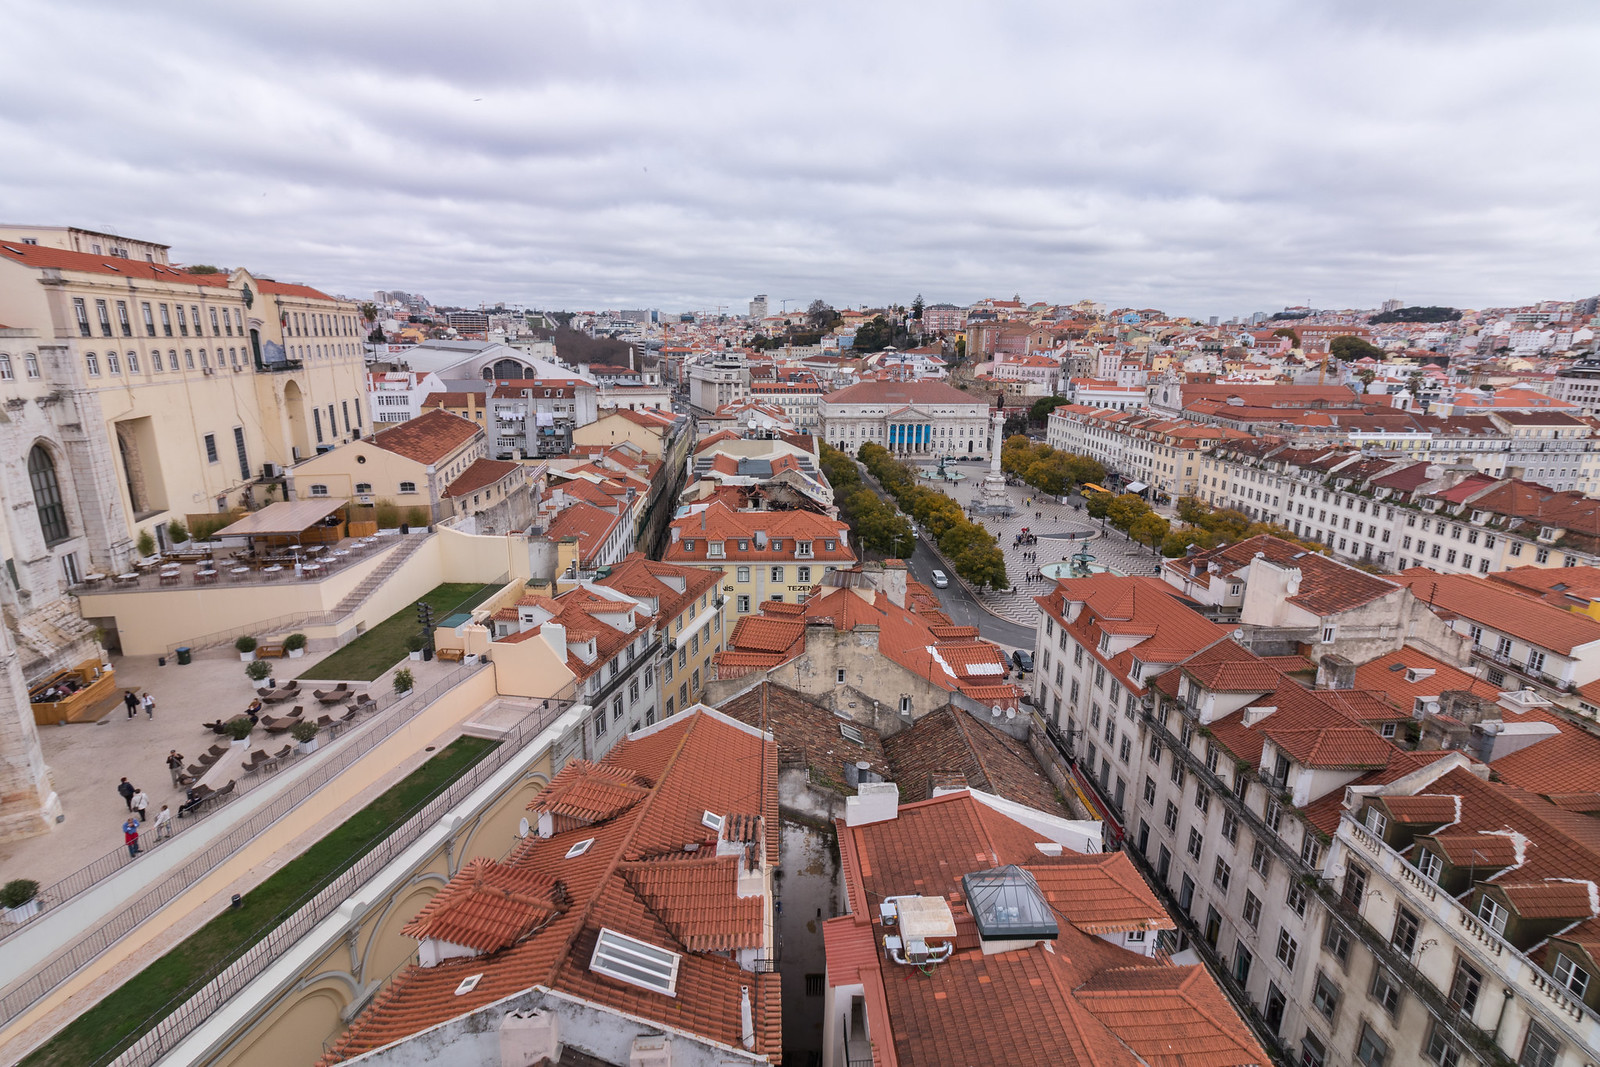 Elevadores De Lisboa Cómo Llegar Precios Y Horarios El Mundo En